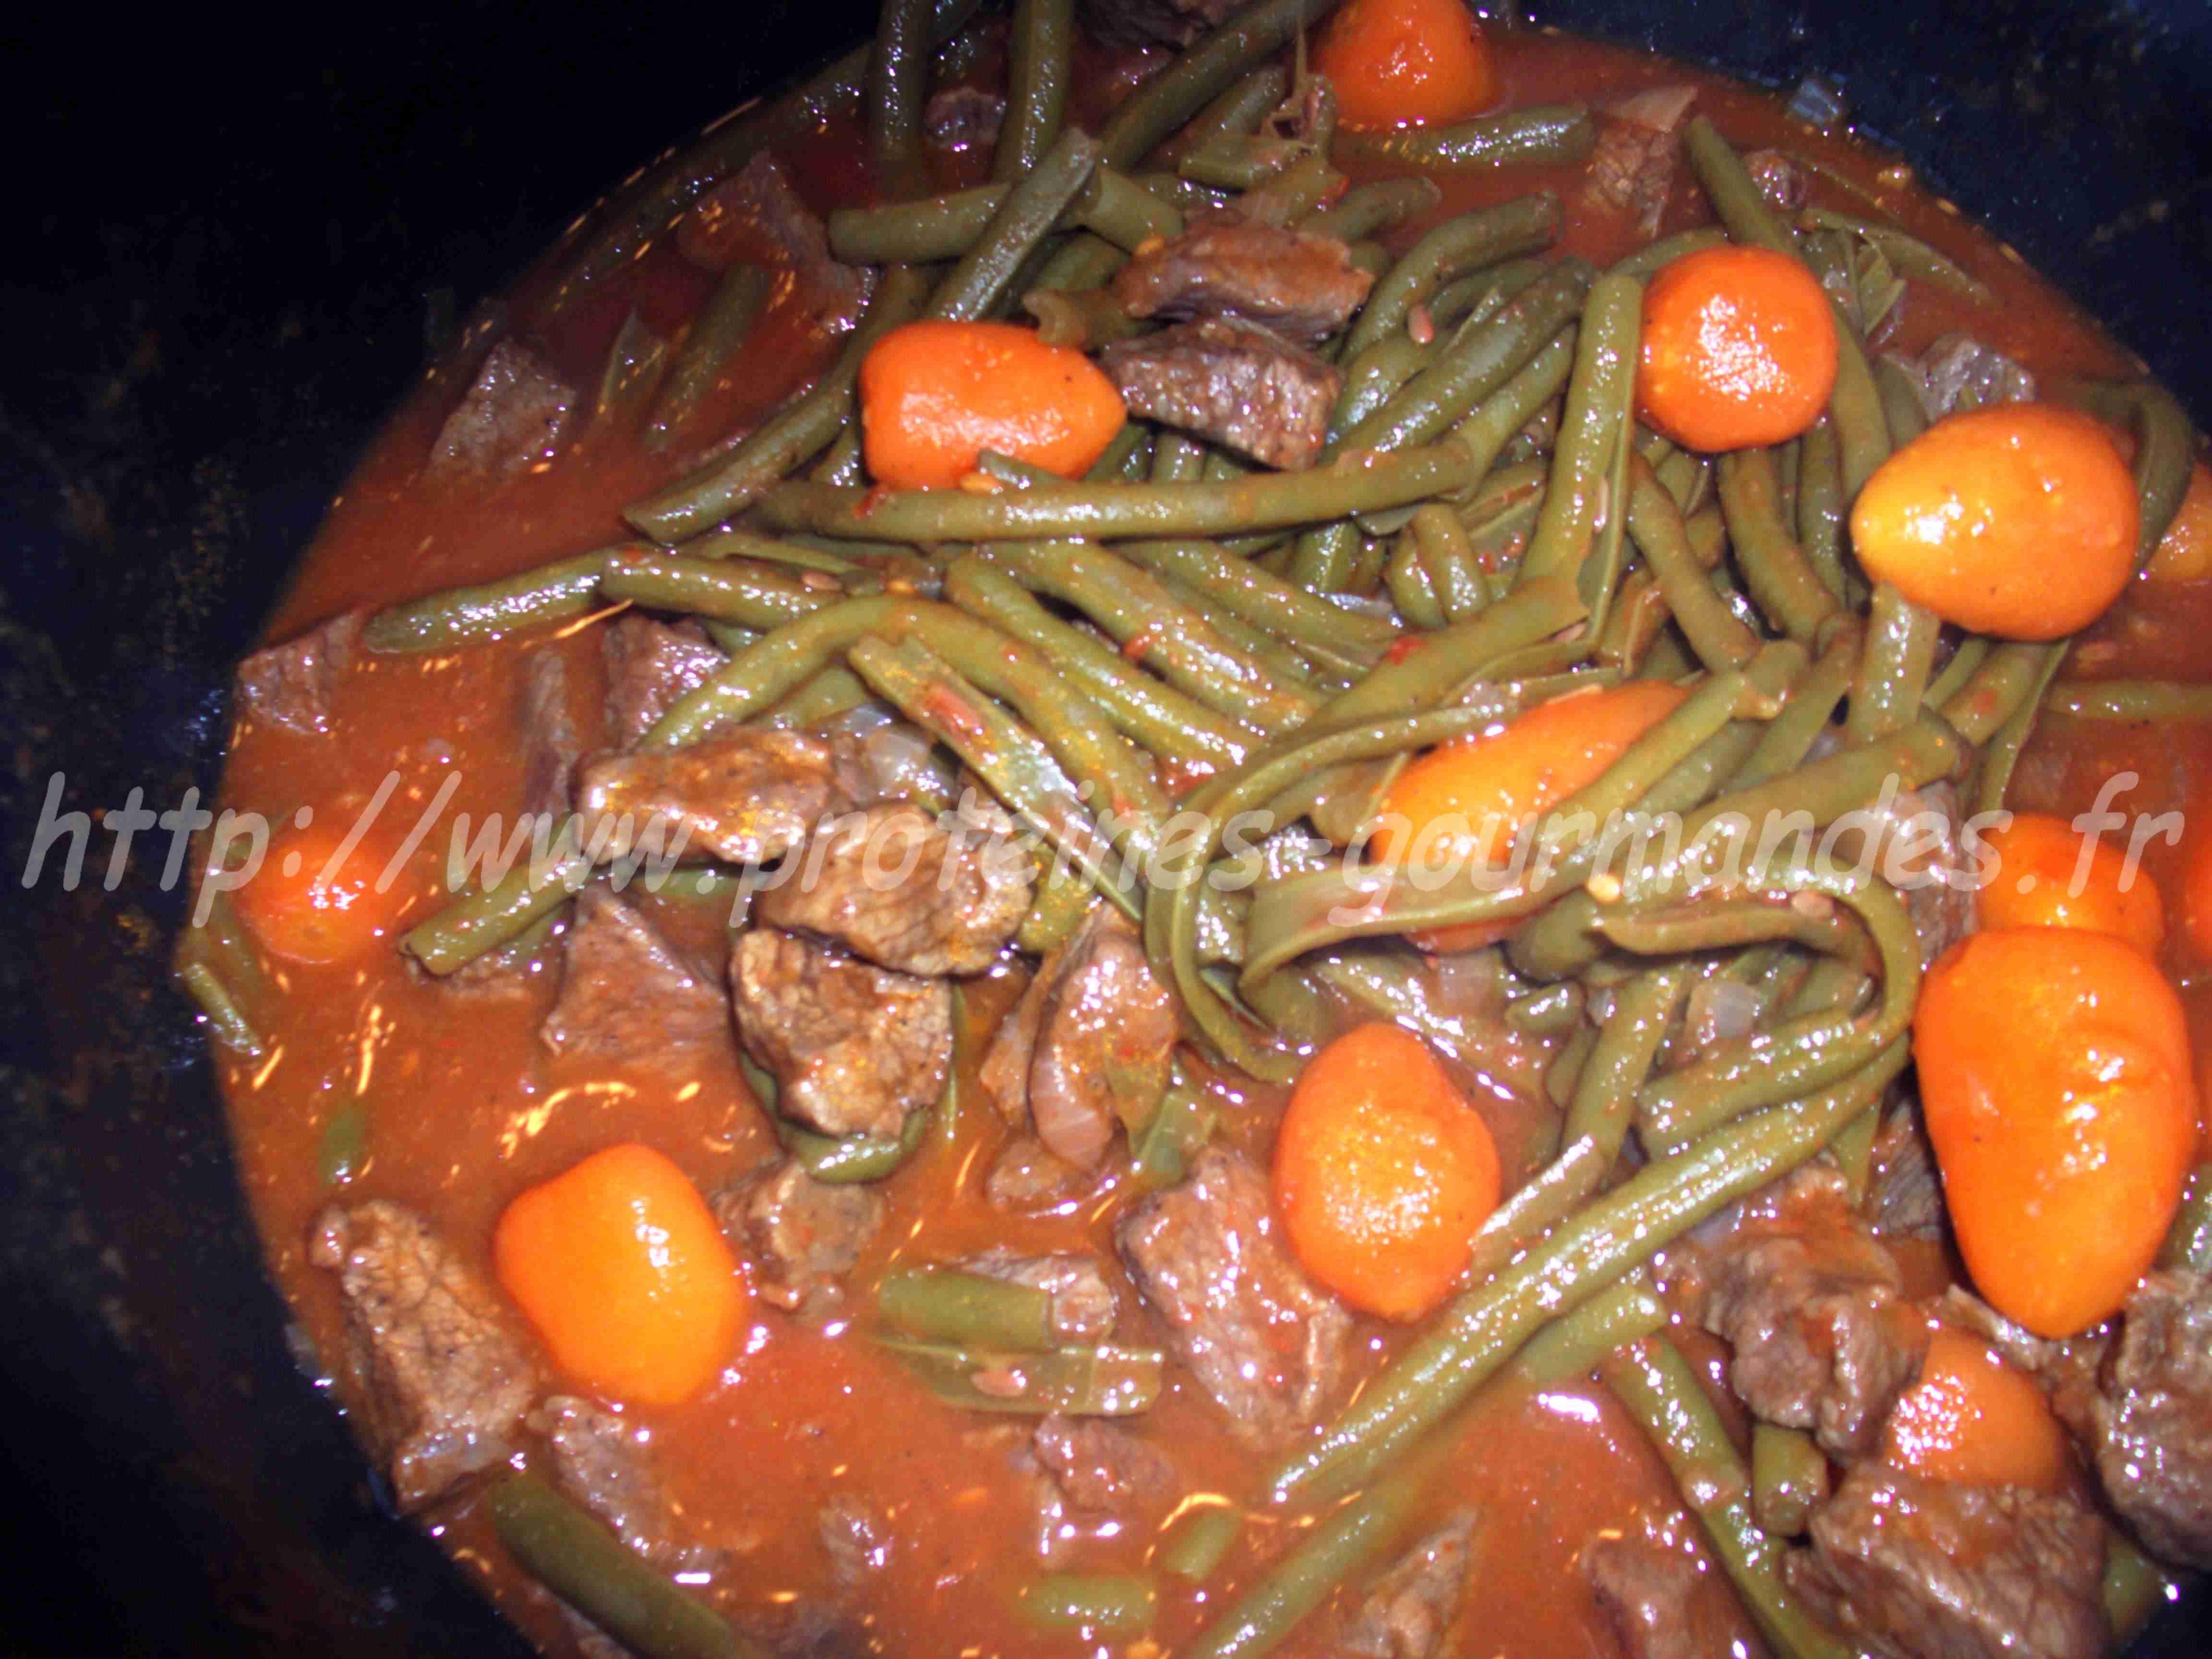 ragout boeuf aux legumes